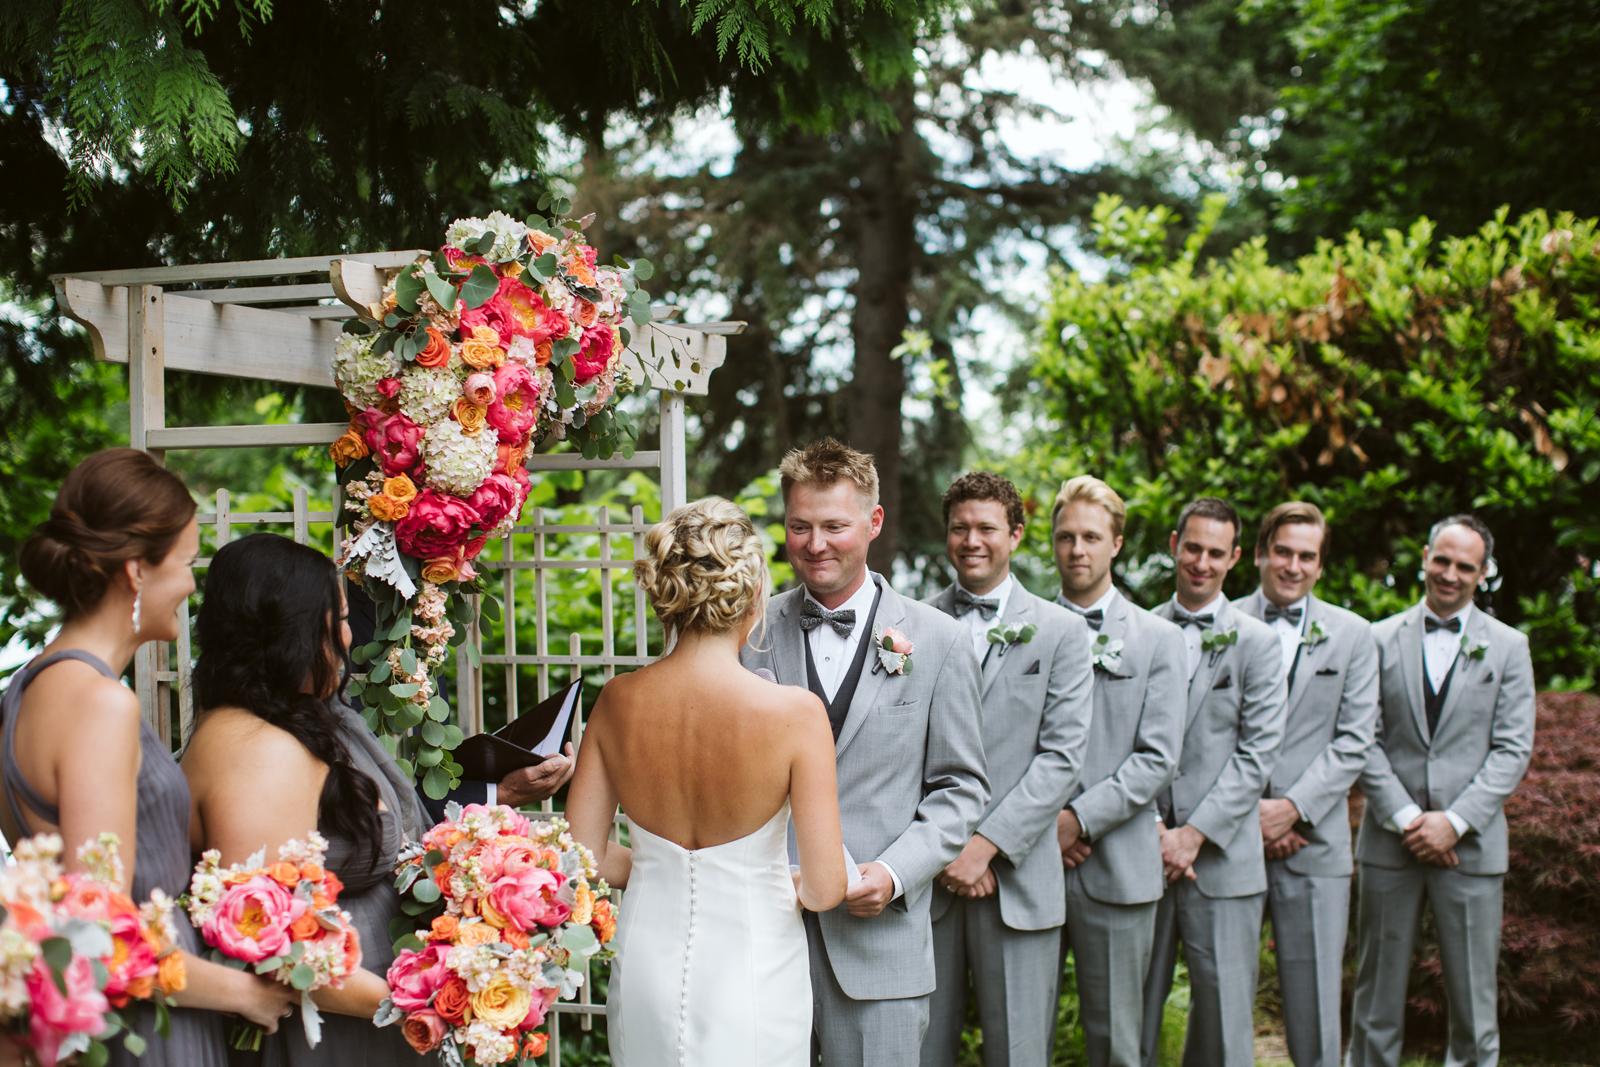 086-daronjackson-gabby-alec-wedding.jpg